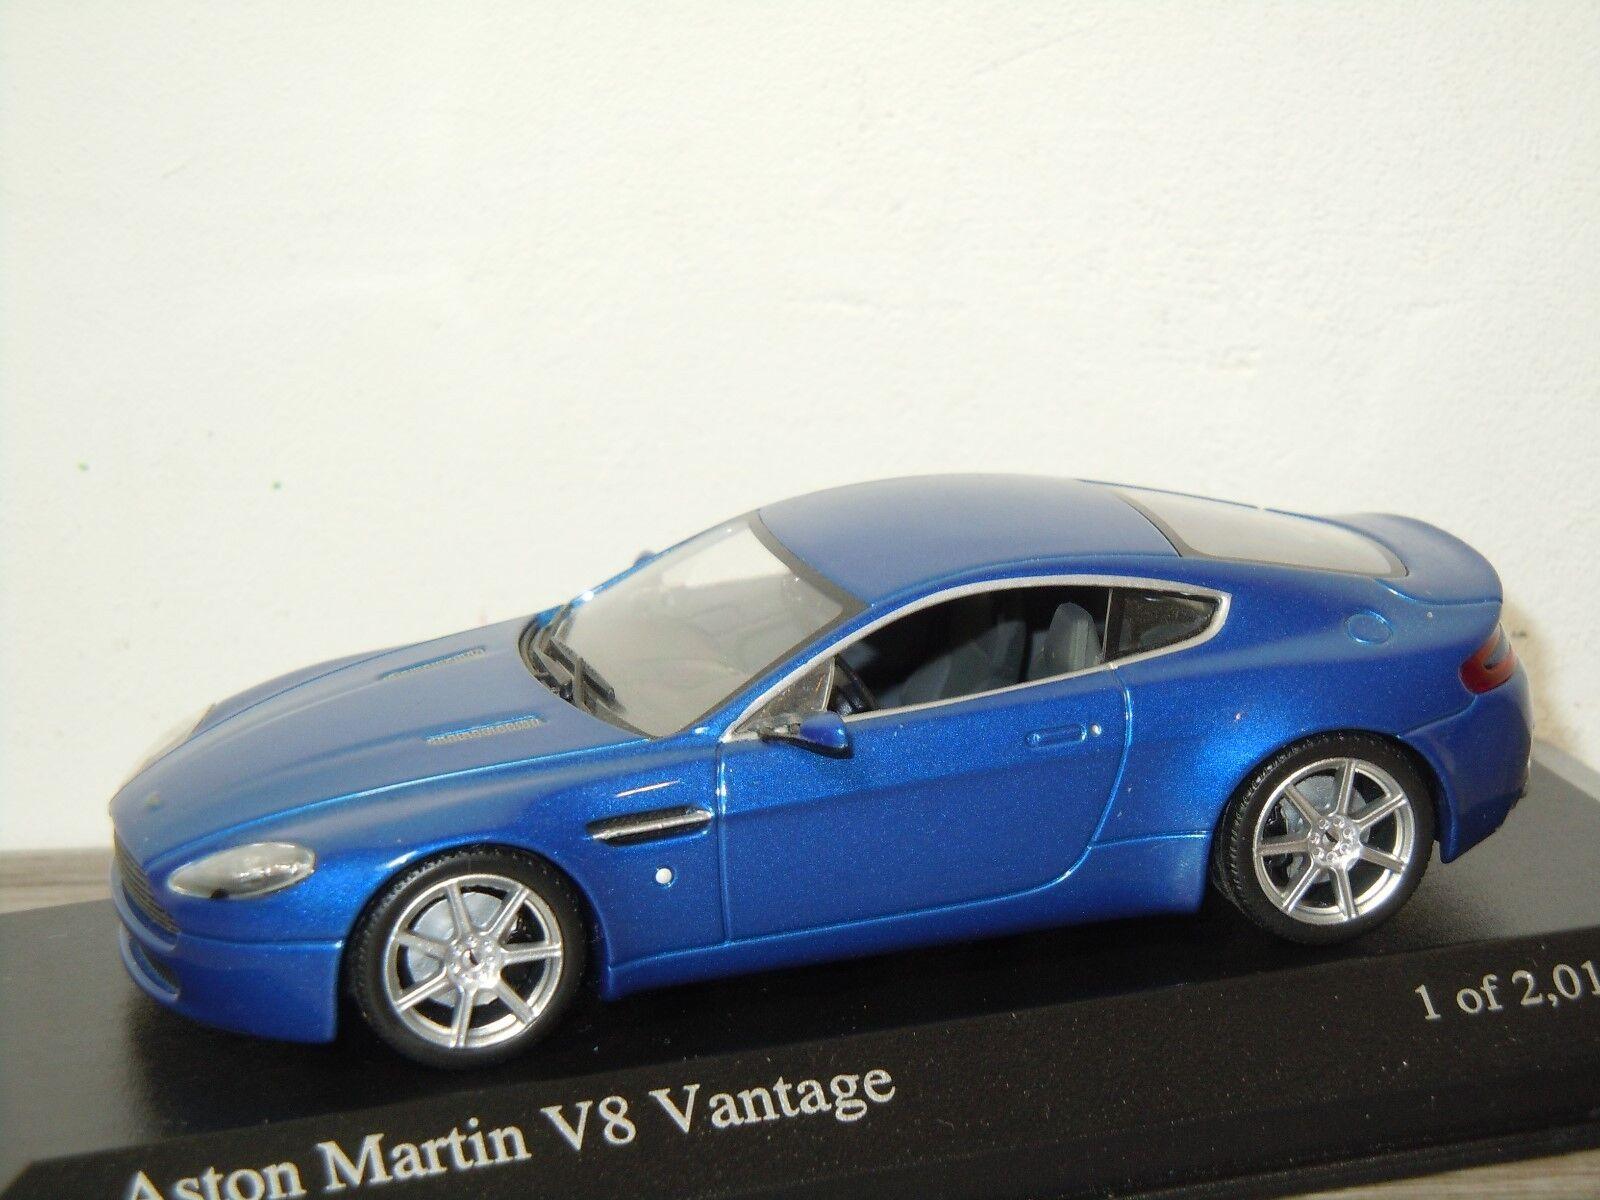 Aston Martin V8 Vantage 2005 - Minichamps 1 43 in Box 30808